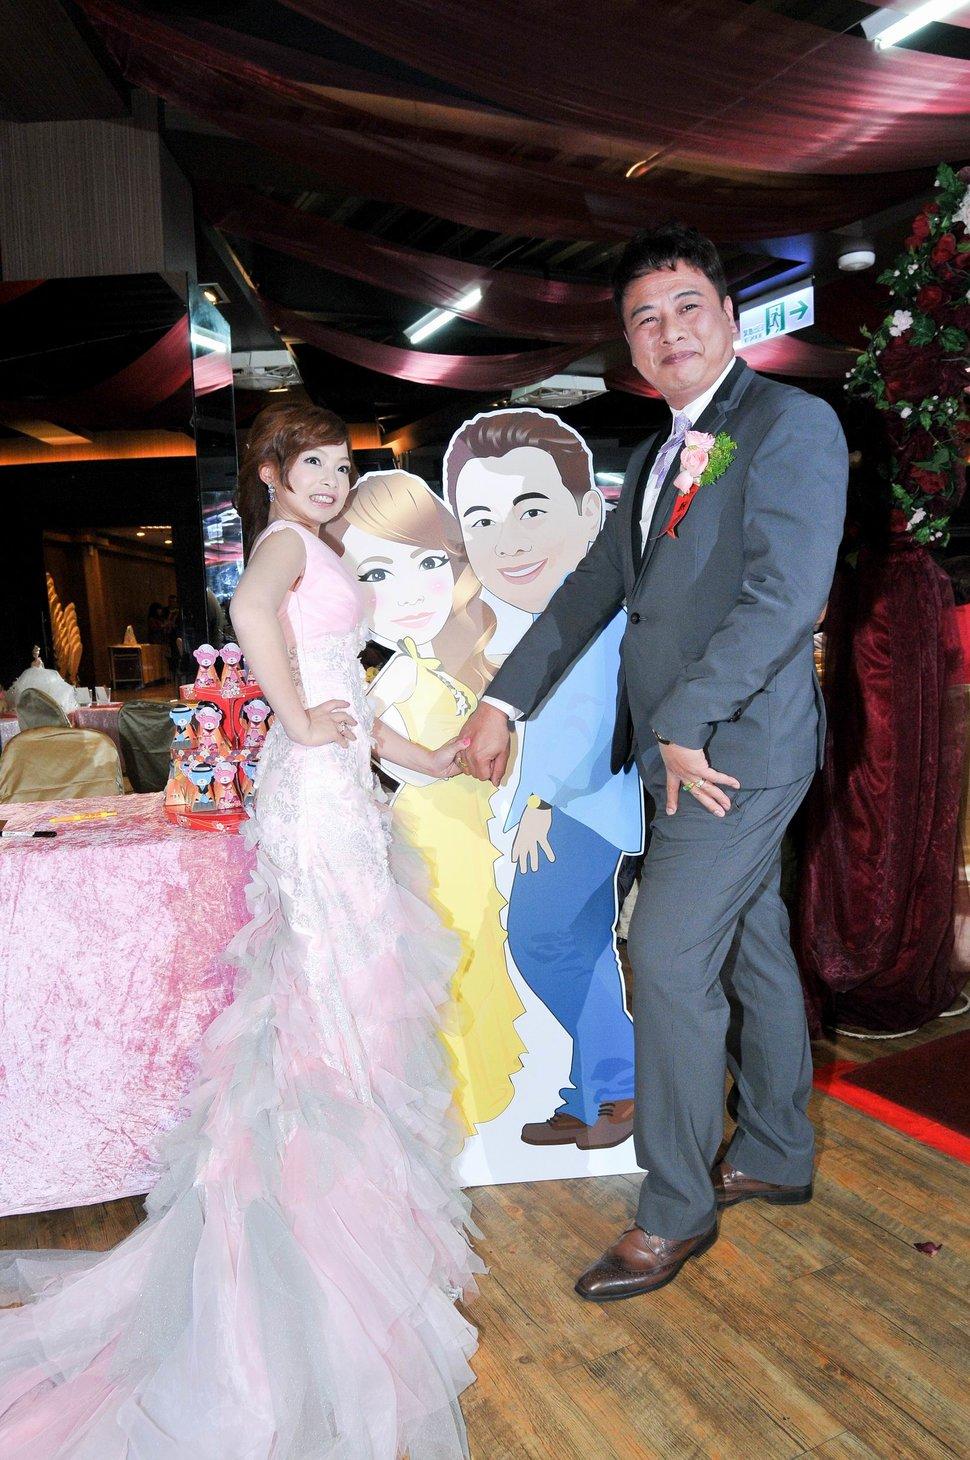 龍和餐廳結婚迎娶儀式晚宴婚禮記錄動態微電影錄影專業錄影平面攝影婚攝婚禮主持人(編號:272569) - 蜜月拍照10800錄影12800攝影團隊 - 結婚吧